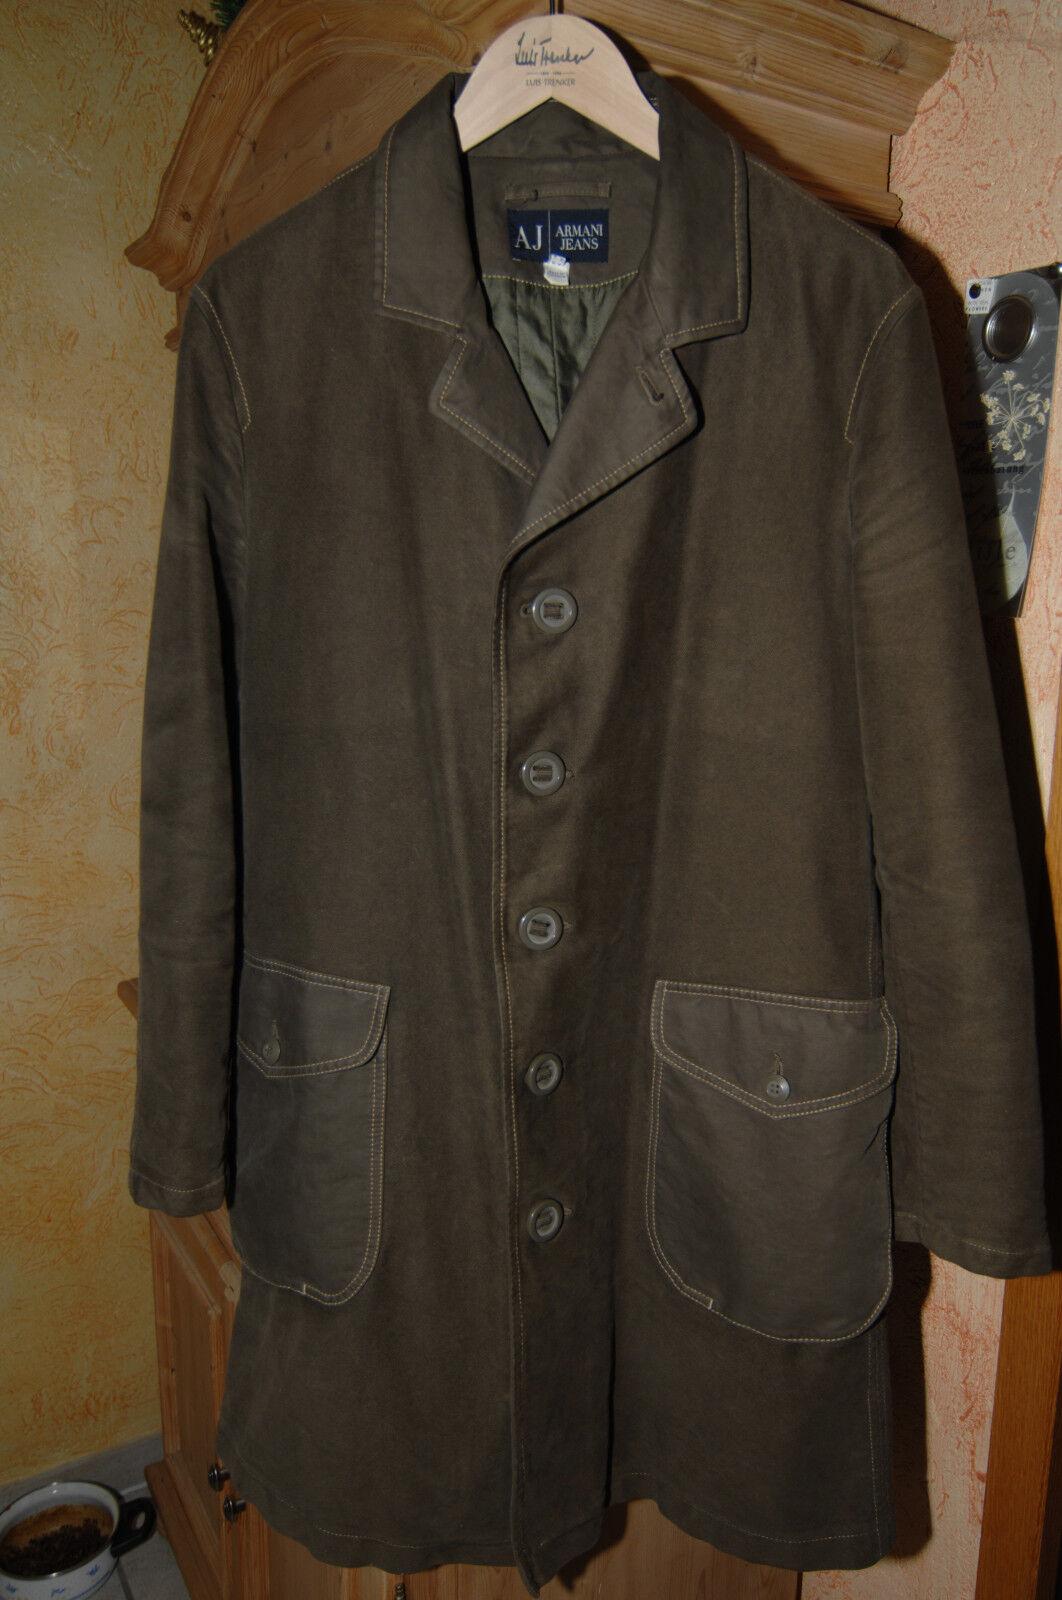 Armani Jeans Kurzmantel, olivgrün, Größe 50, guter guter guter Zustand, sehr bequem | Reparieren  b0c6c2